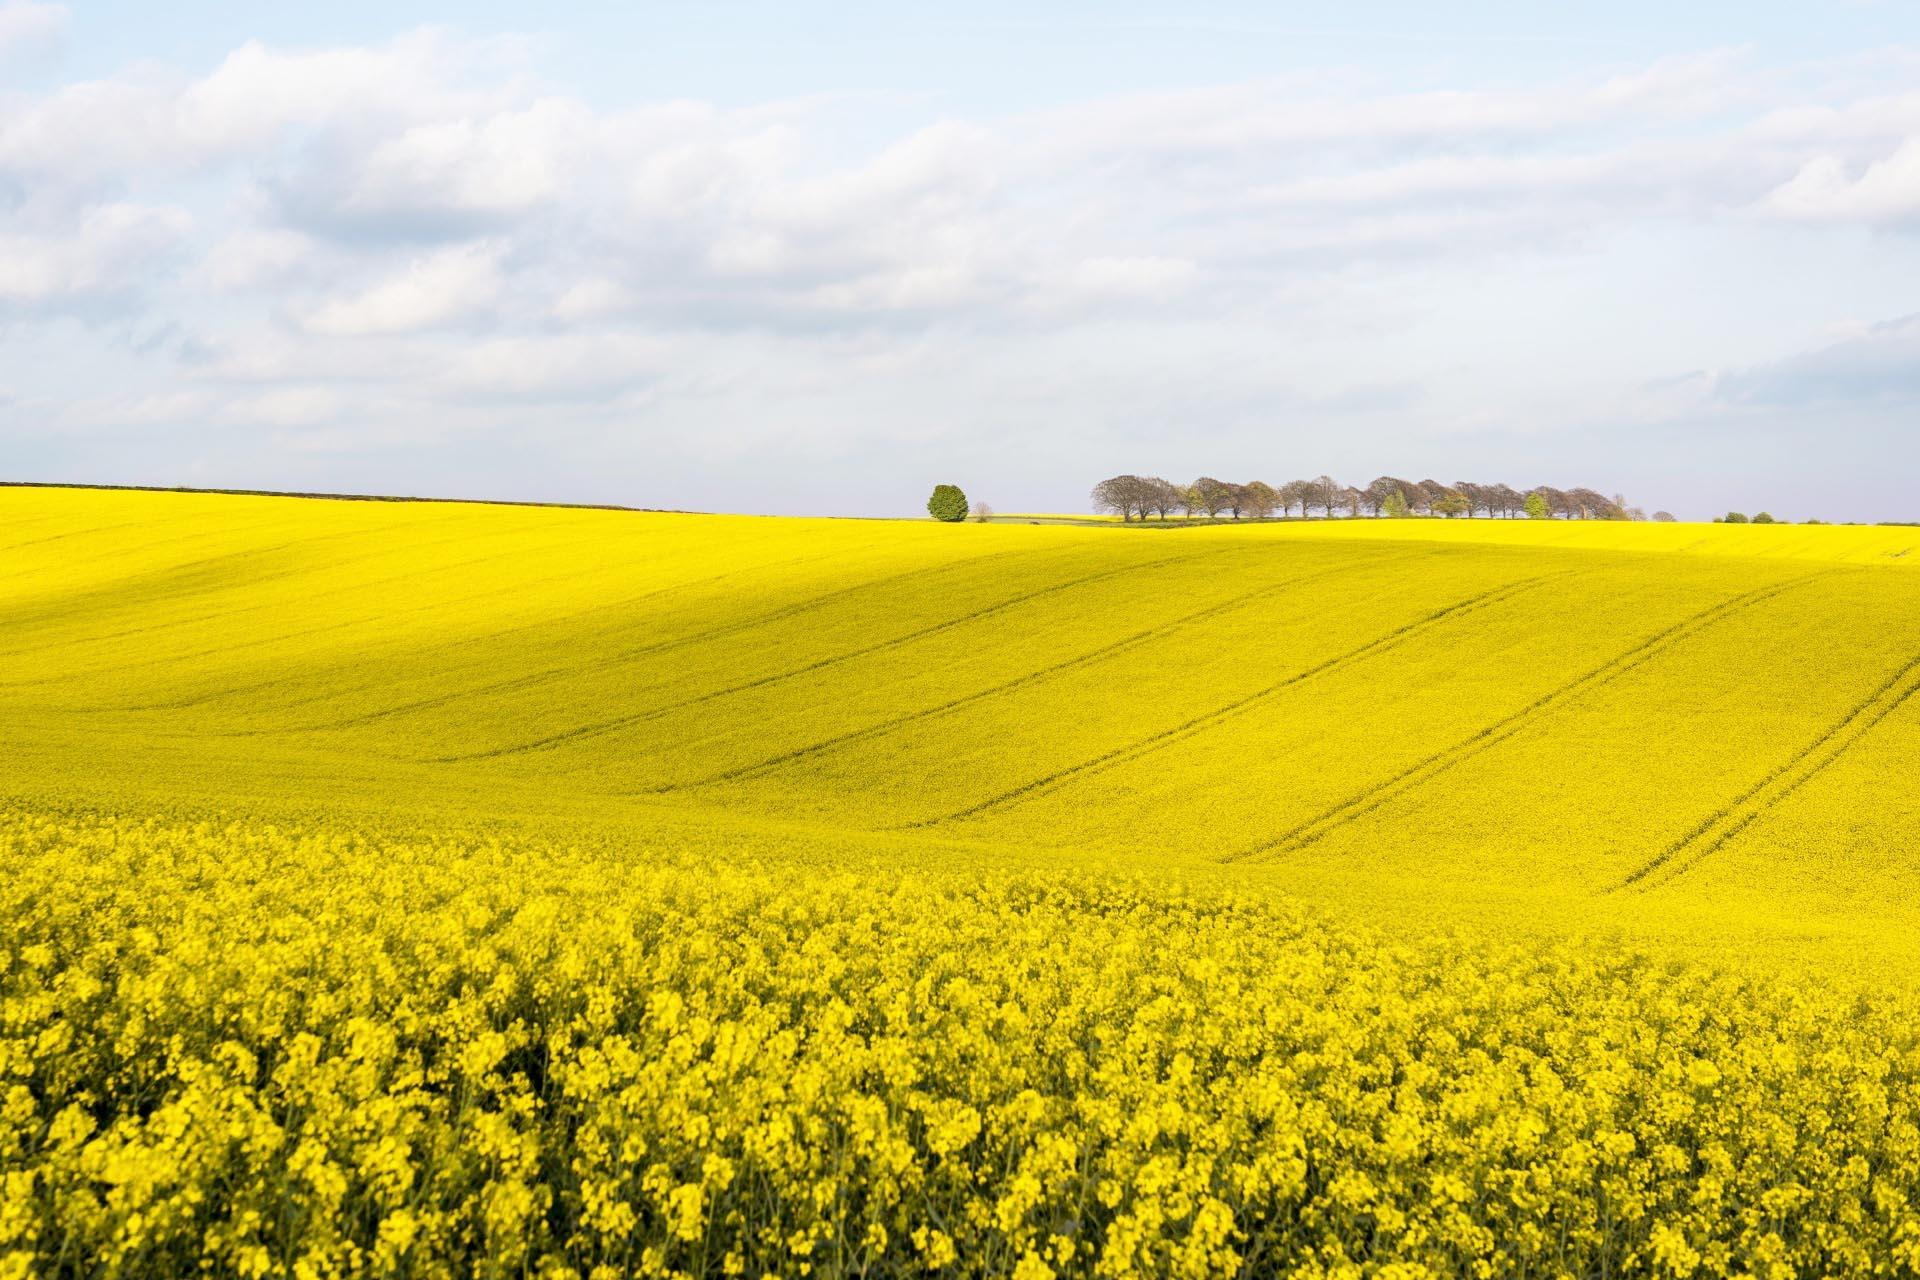 菜の花畑の風景 チーズフット・ヘッド イングランドの風景